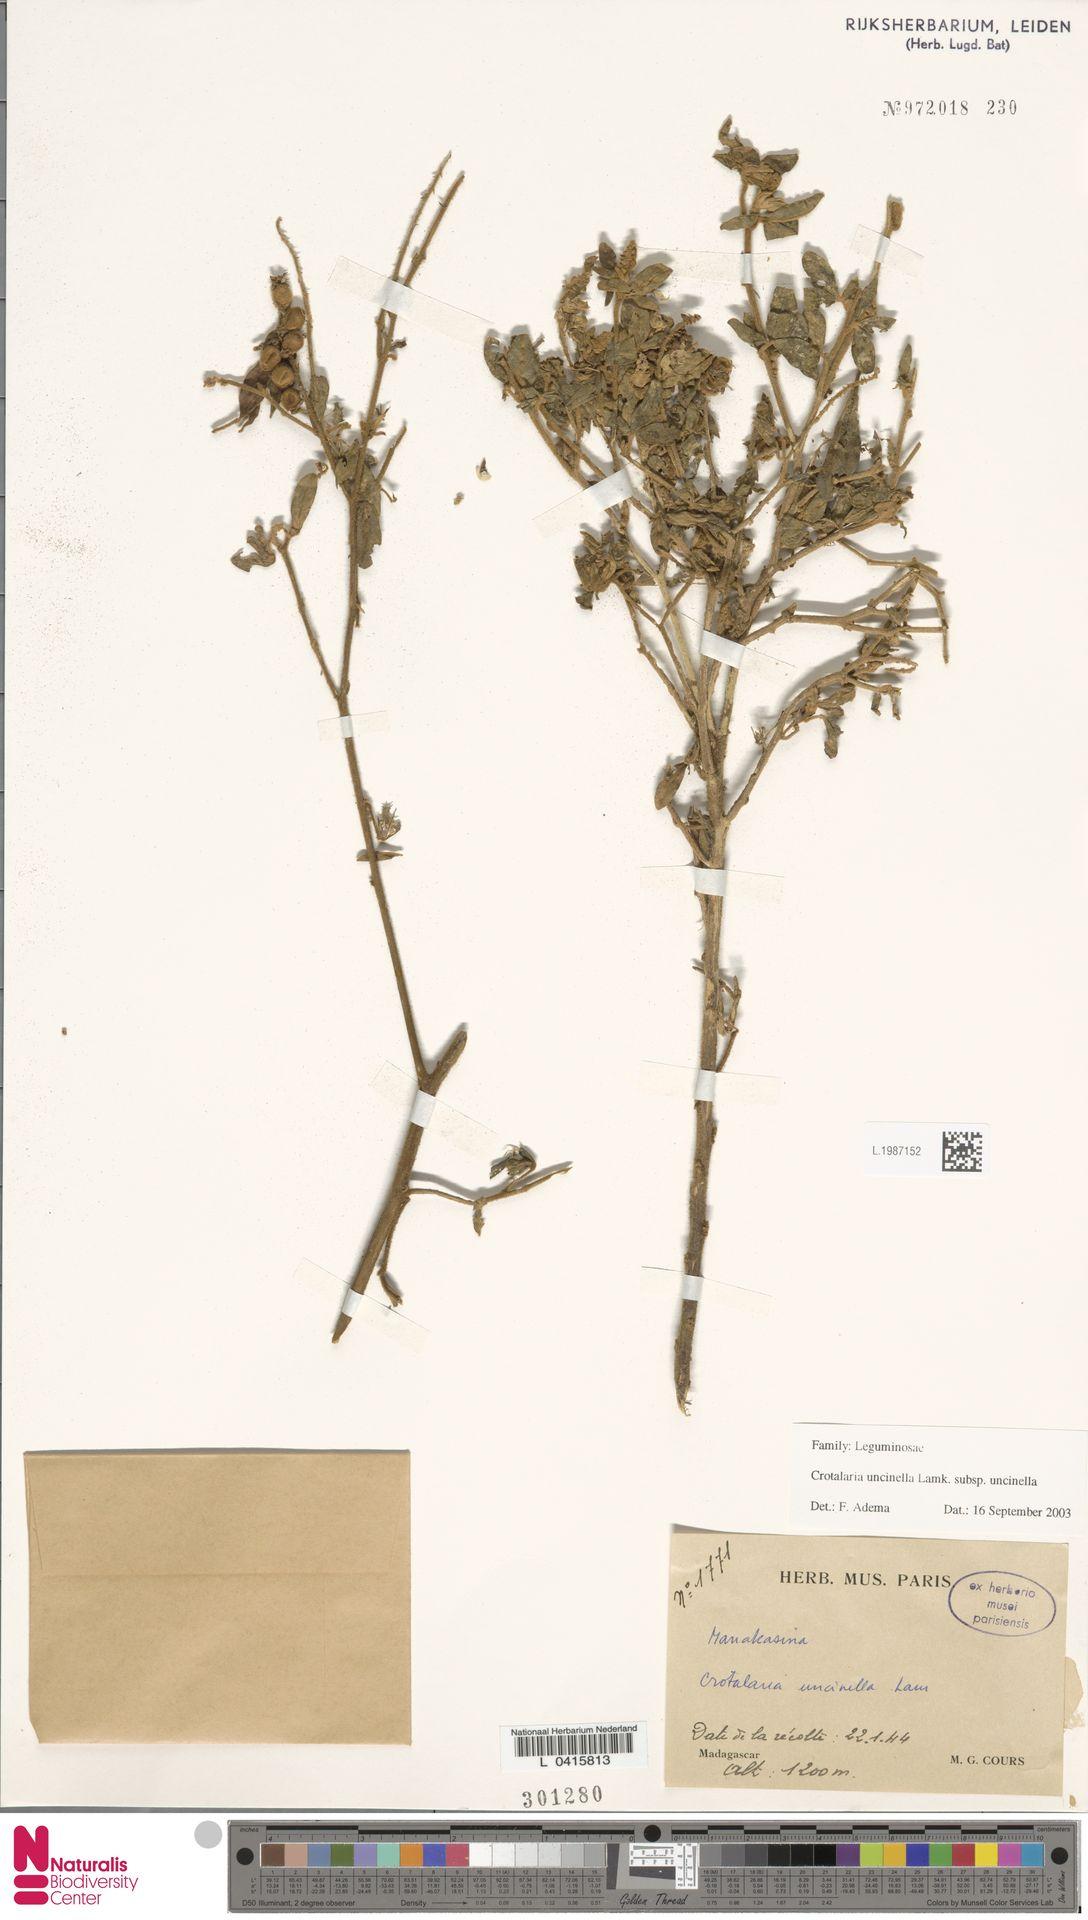 L.1987152 | Crotalaria uncinella subsp. uncinella